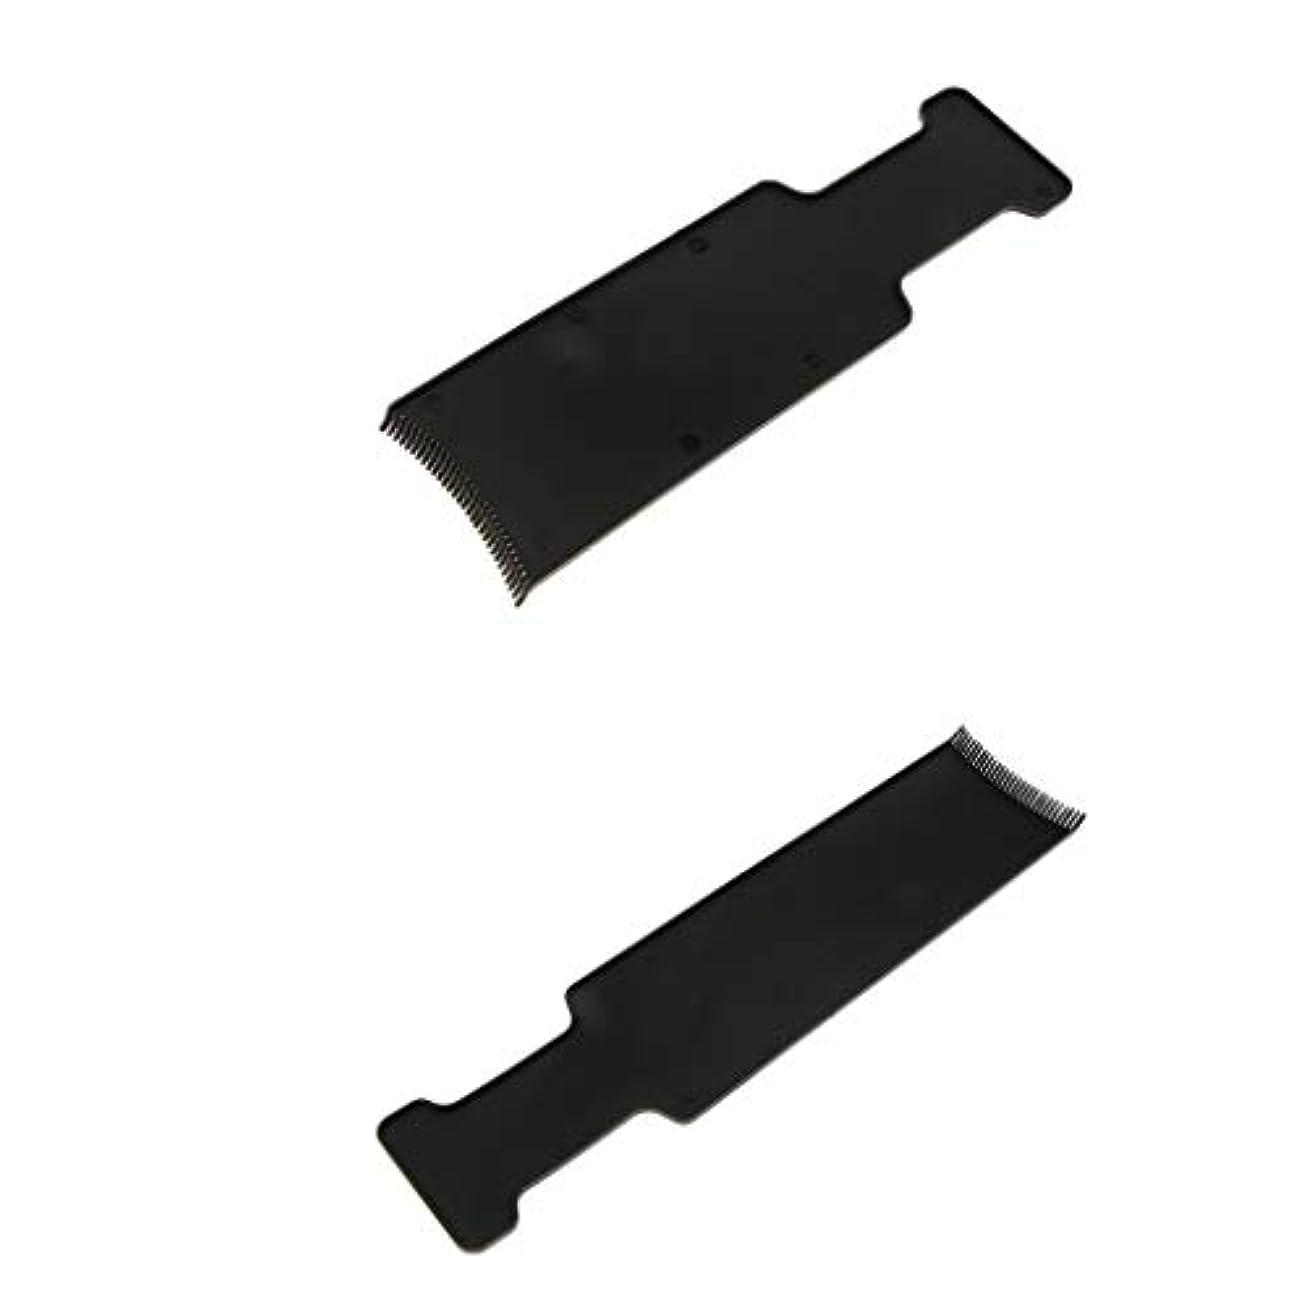 再生可能知らせる立ち寄るKESOTO 2枚 サロン ヘアカラーボード ハイライト 染色ティントプレート ヘアドレッシングツール